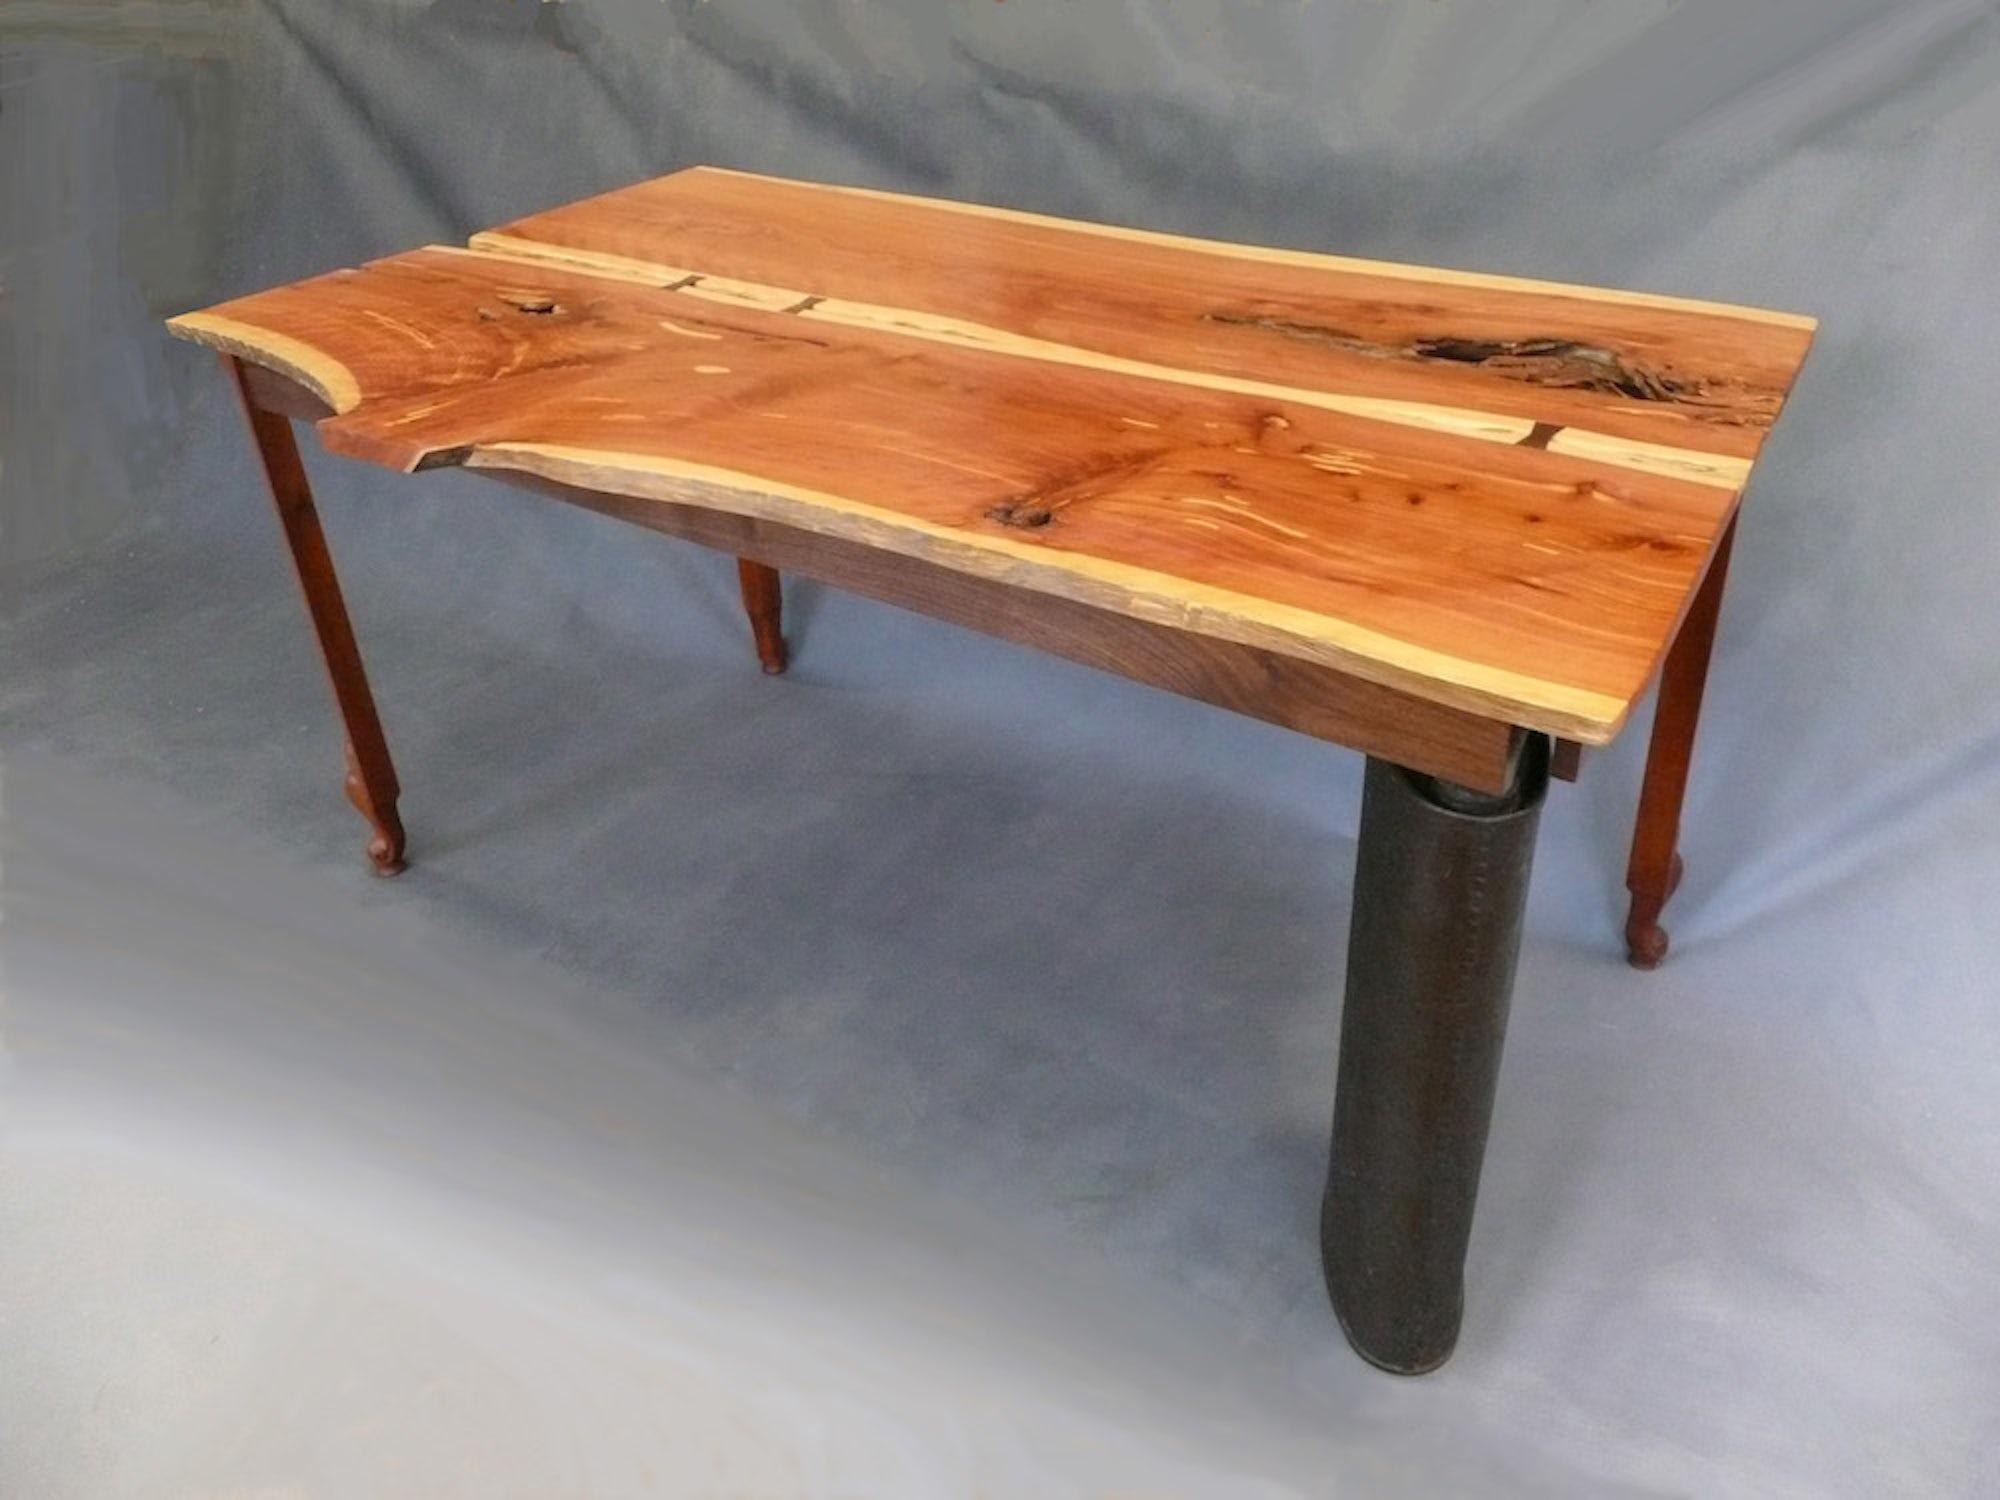 Muffler-Slab-Desk1-7-10-16